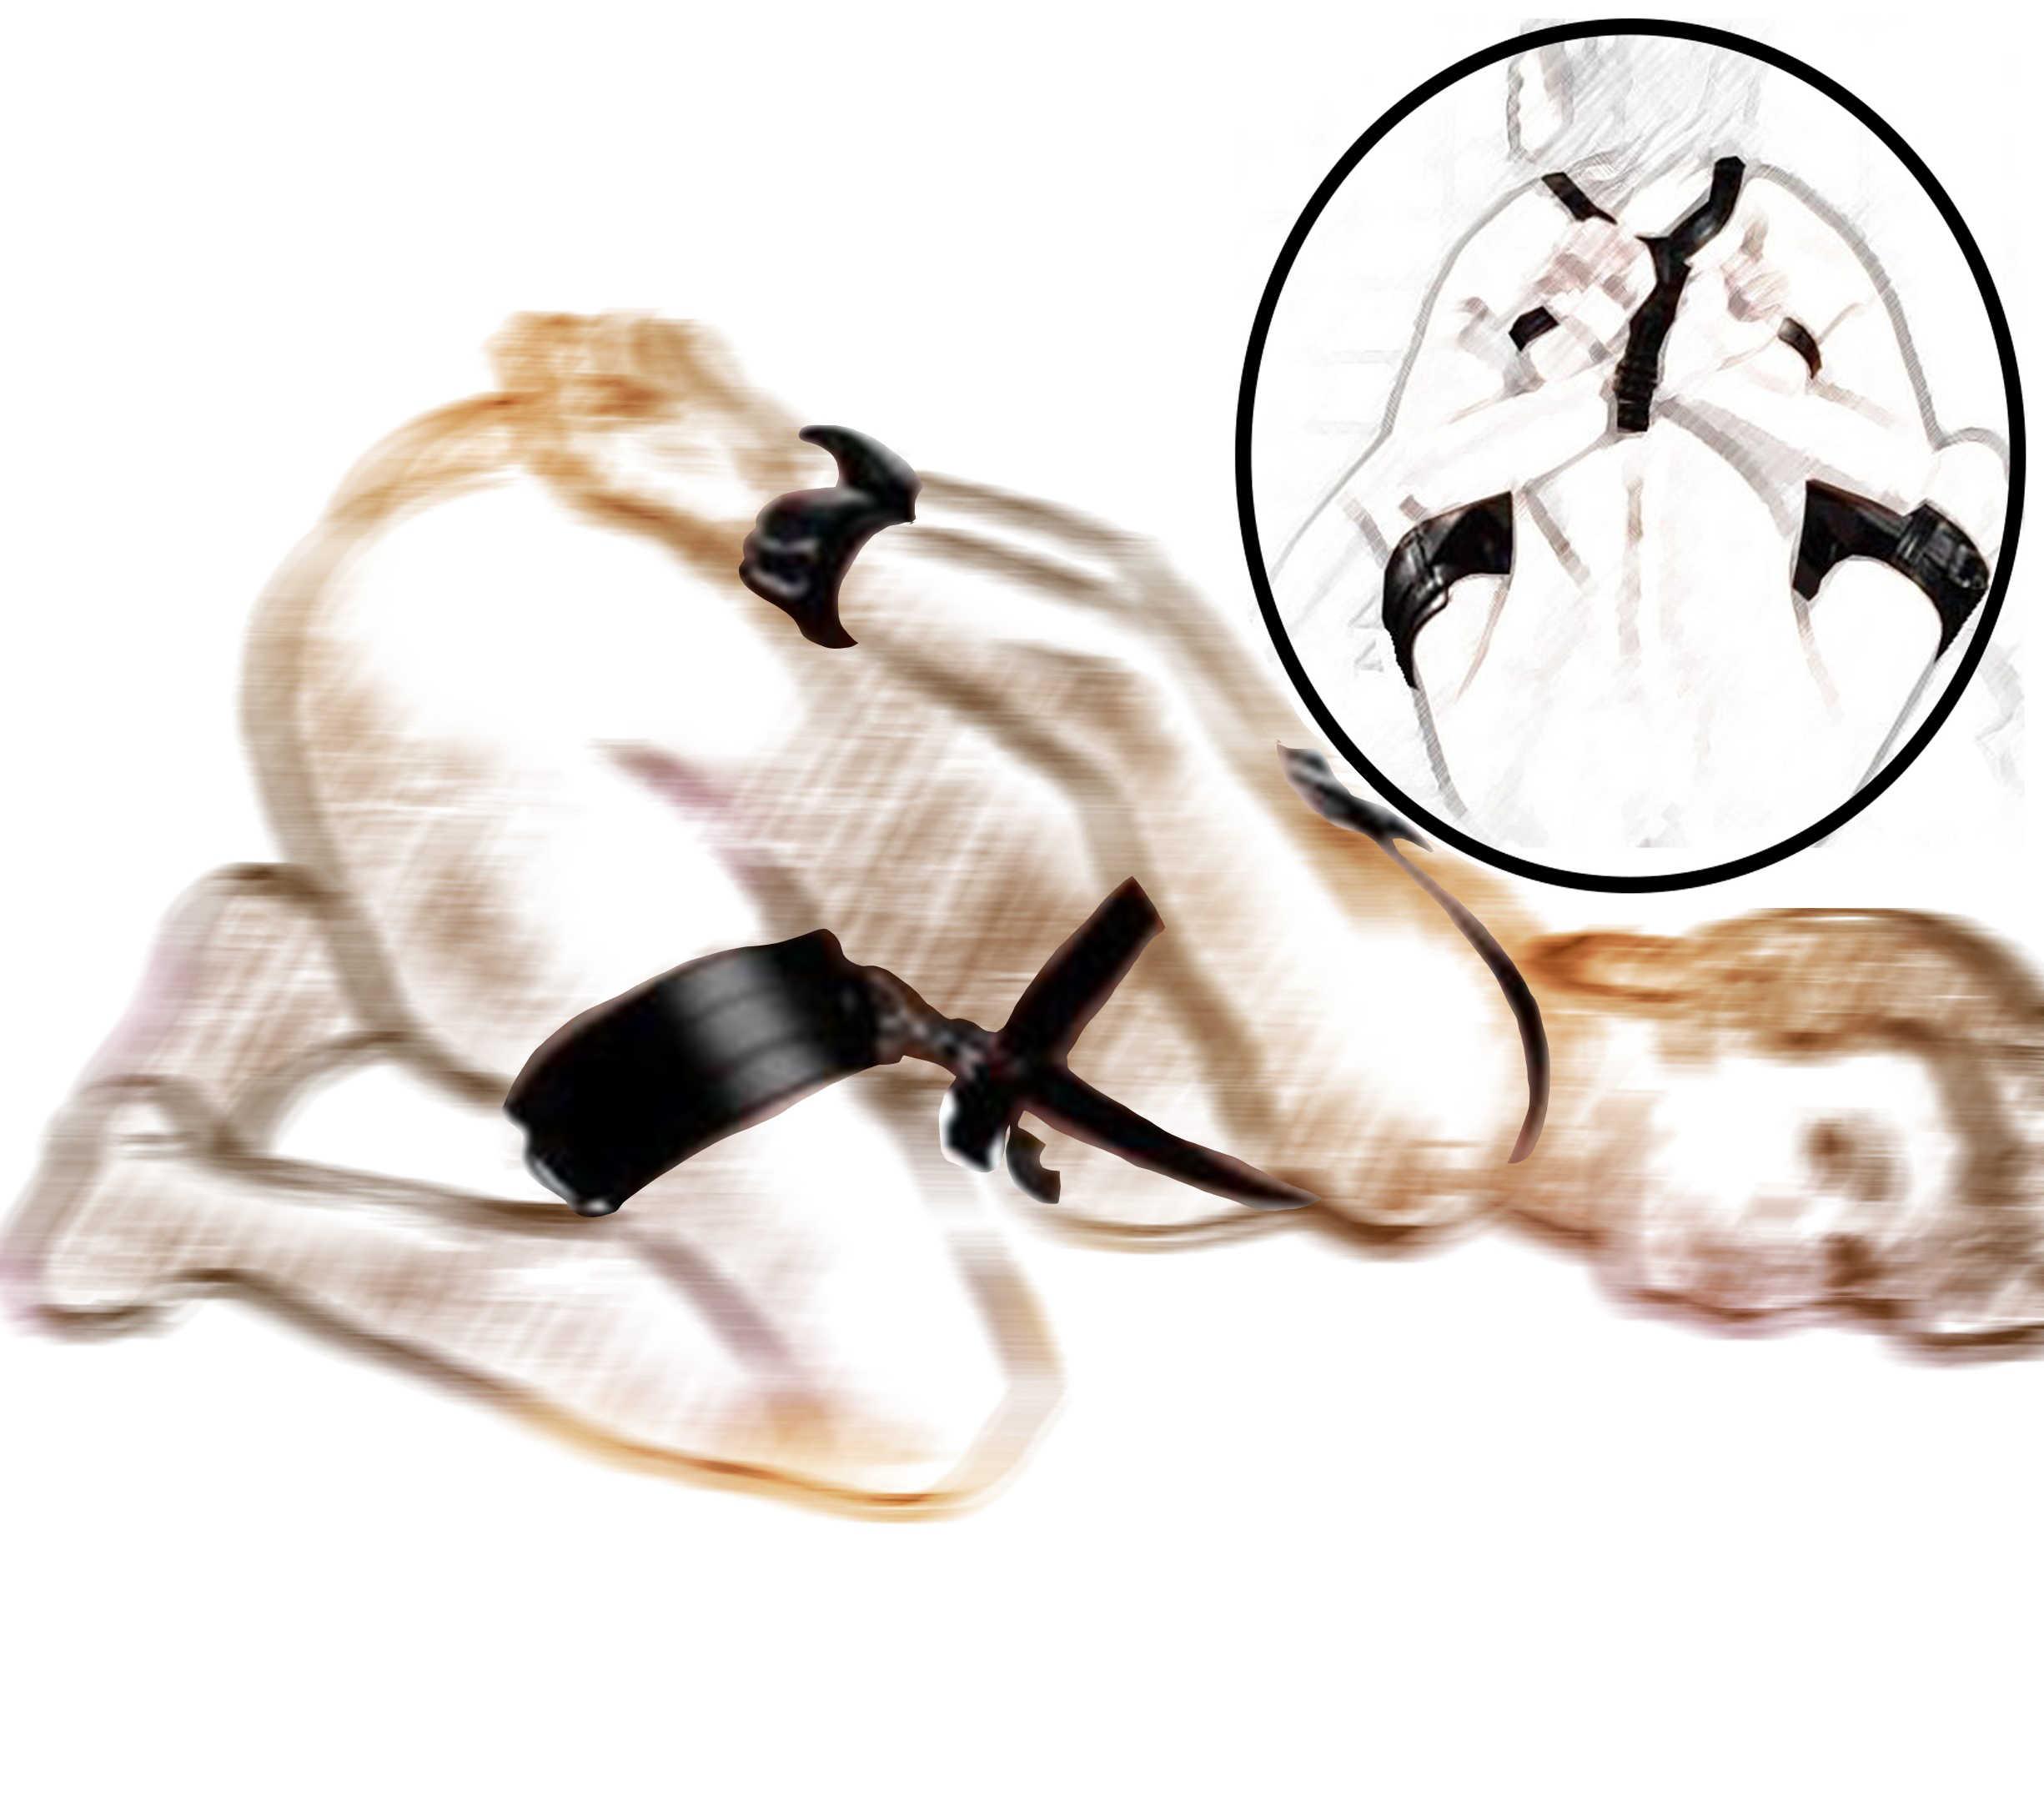 Uyluk kısıtlama Sling serpme makinesi, bacak açık Restraint kölelik demeti bilek manşetleri, seks pozisyonu yardım